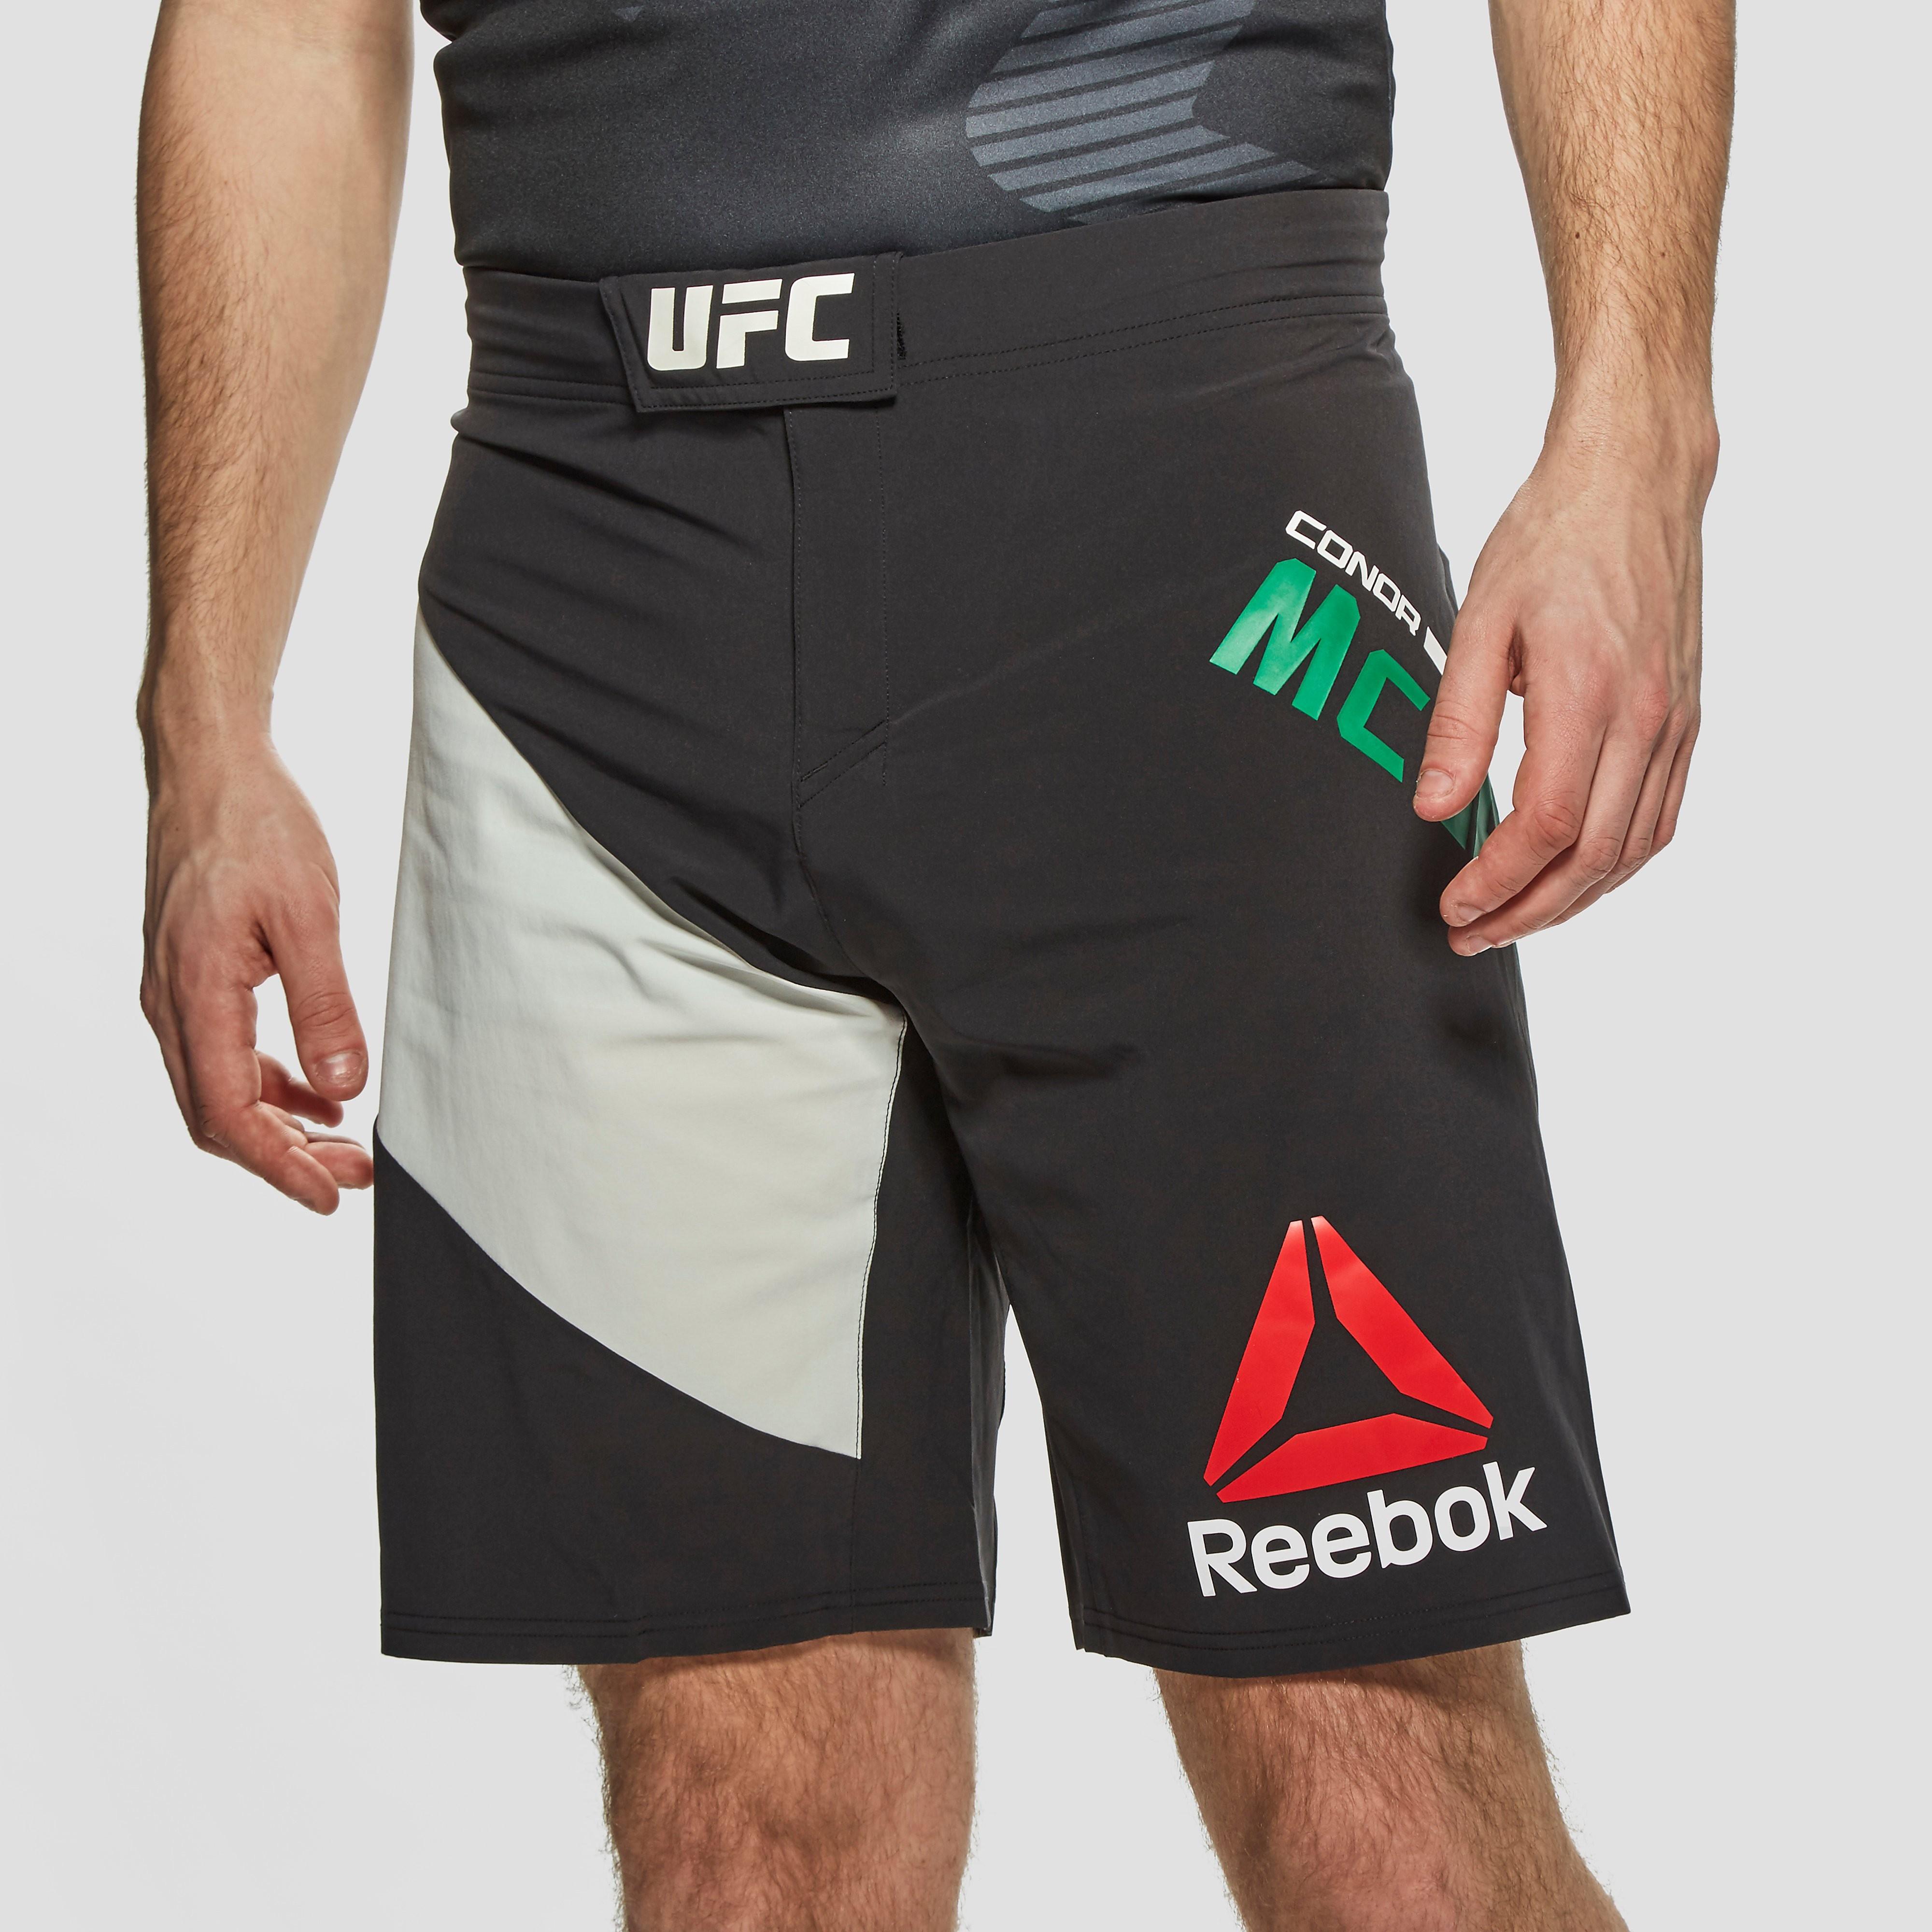 Reebok Conor McGregor Octagon Shorts